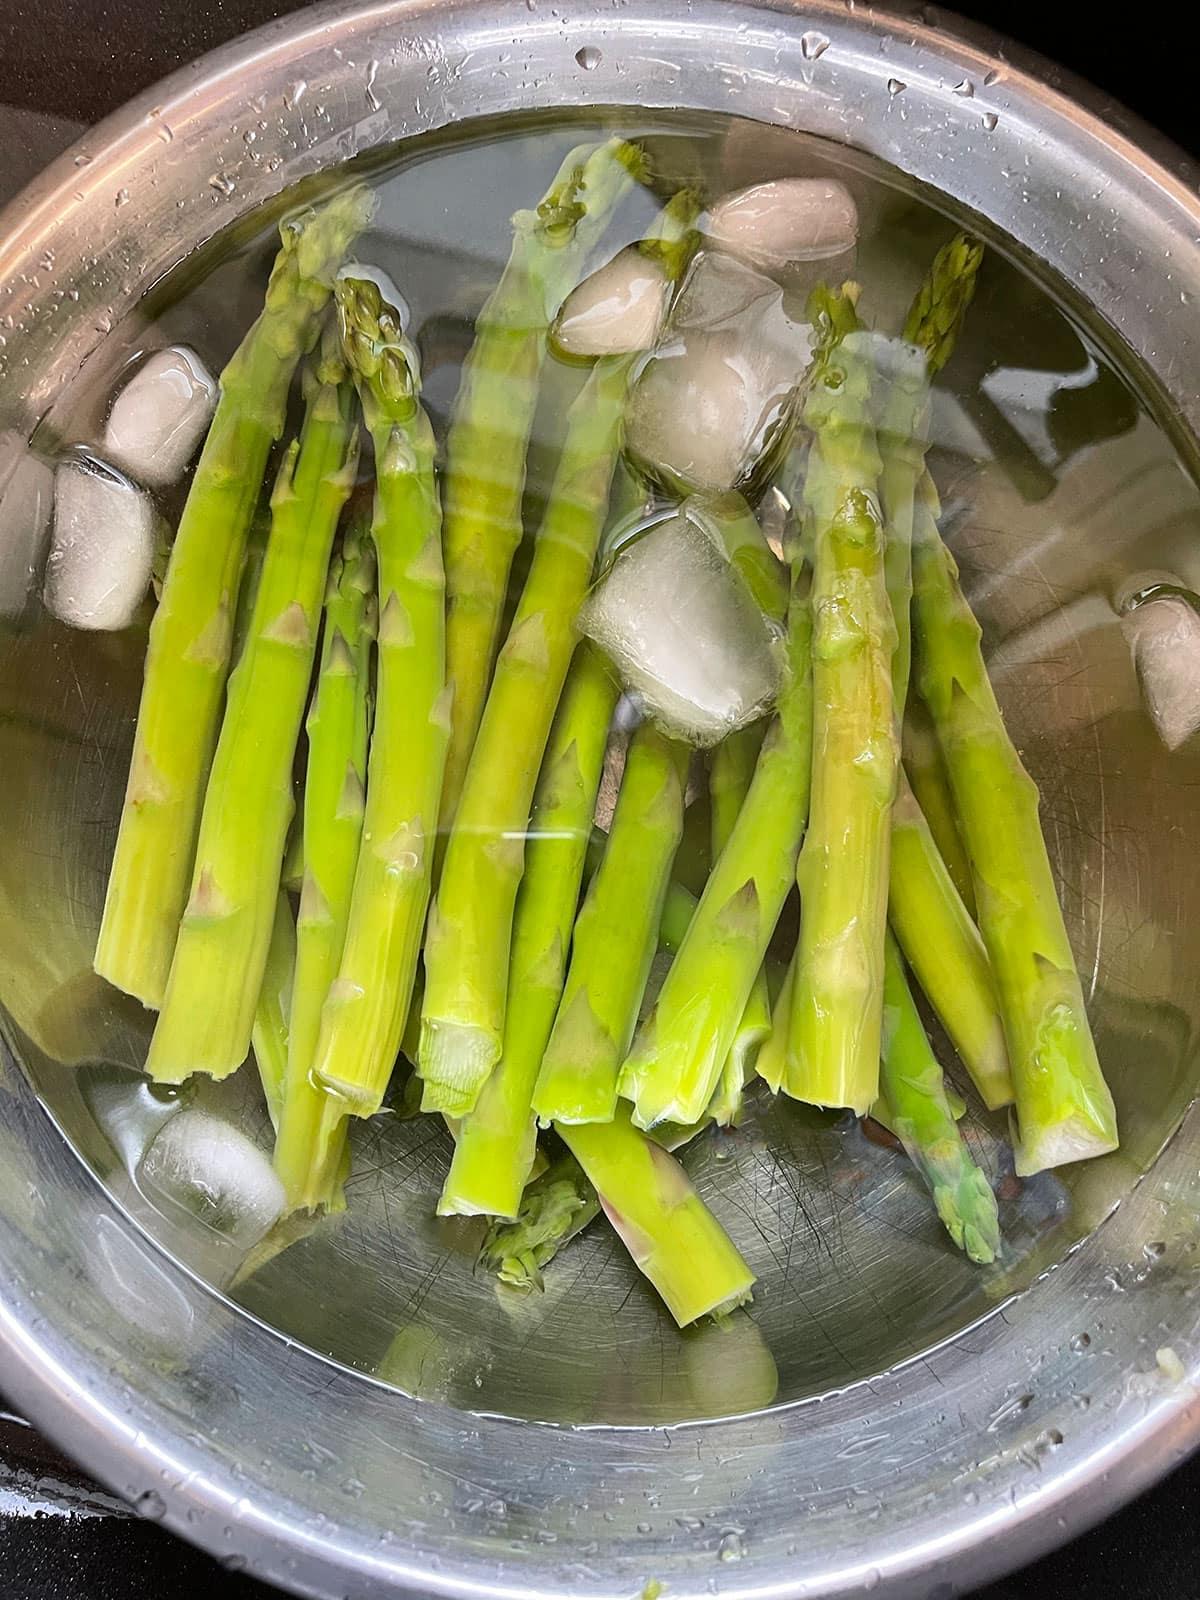 asparagus in a ice bath